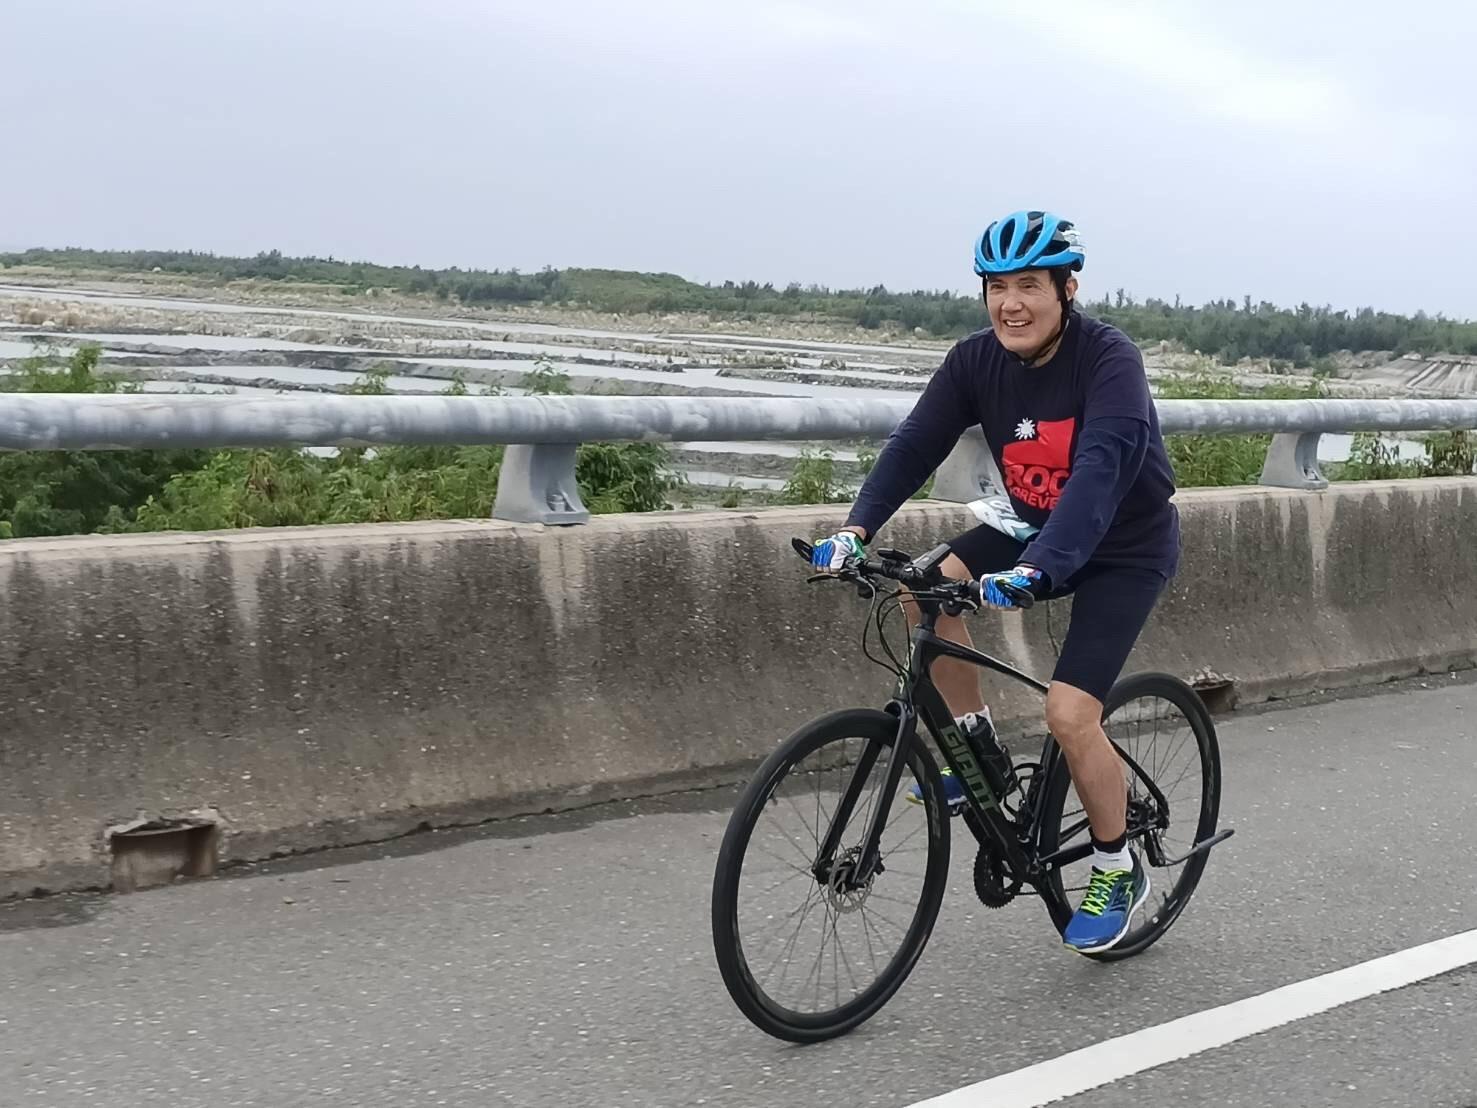 馬英九今日上午前往台東參加2020台東之美鐵人三項國際賽,並在臉書上分享活動照片。   圖:翻攝自馬英九臉書